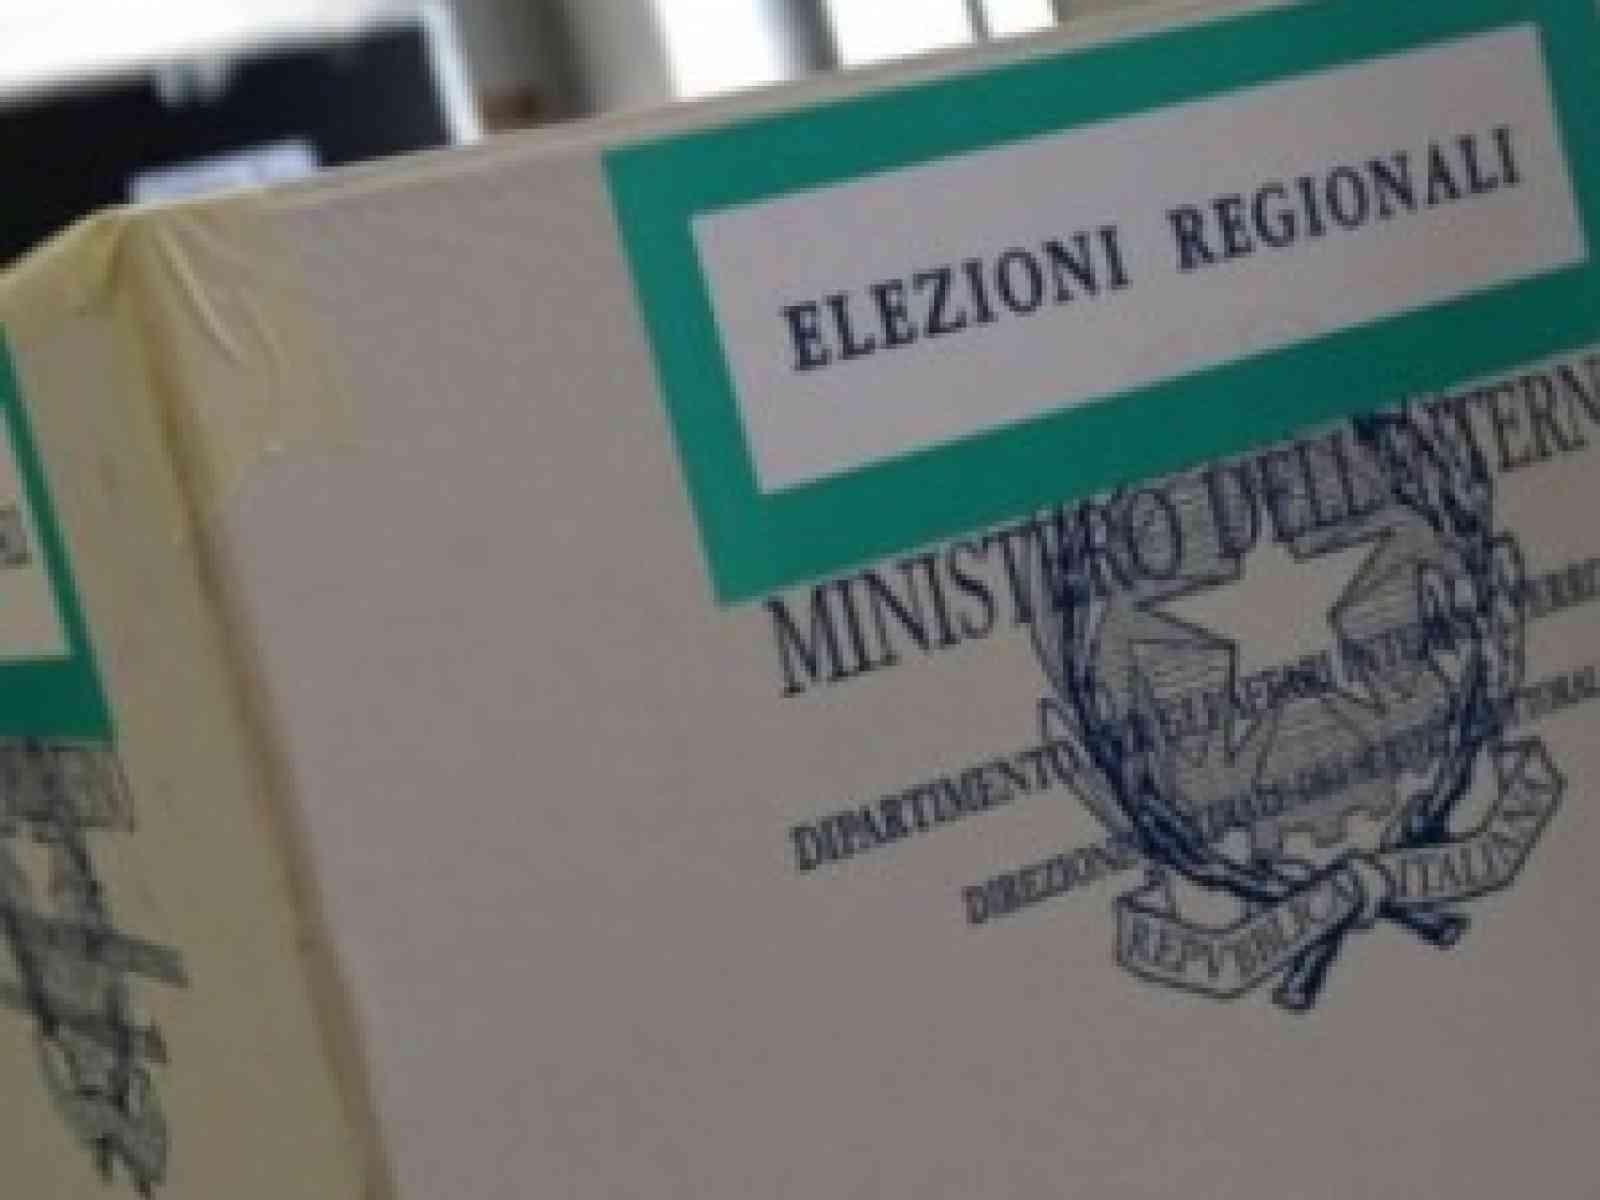 Regionali. Affluenze definitive: Menfi 44,11%, S.Margherita 42,59%, Montevago 50,76%, Sambuca 53,87%